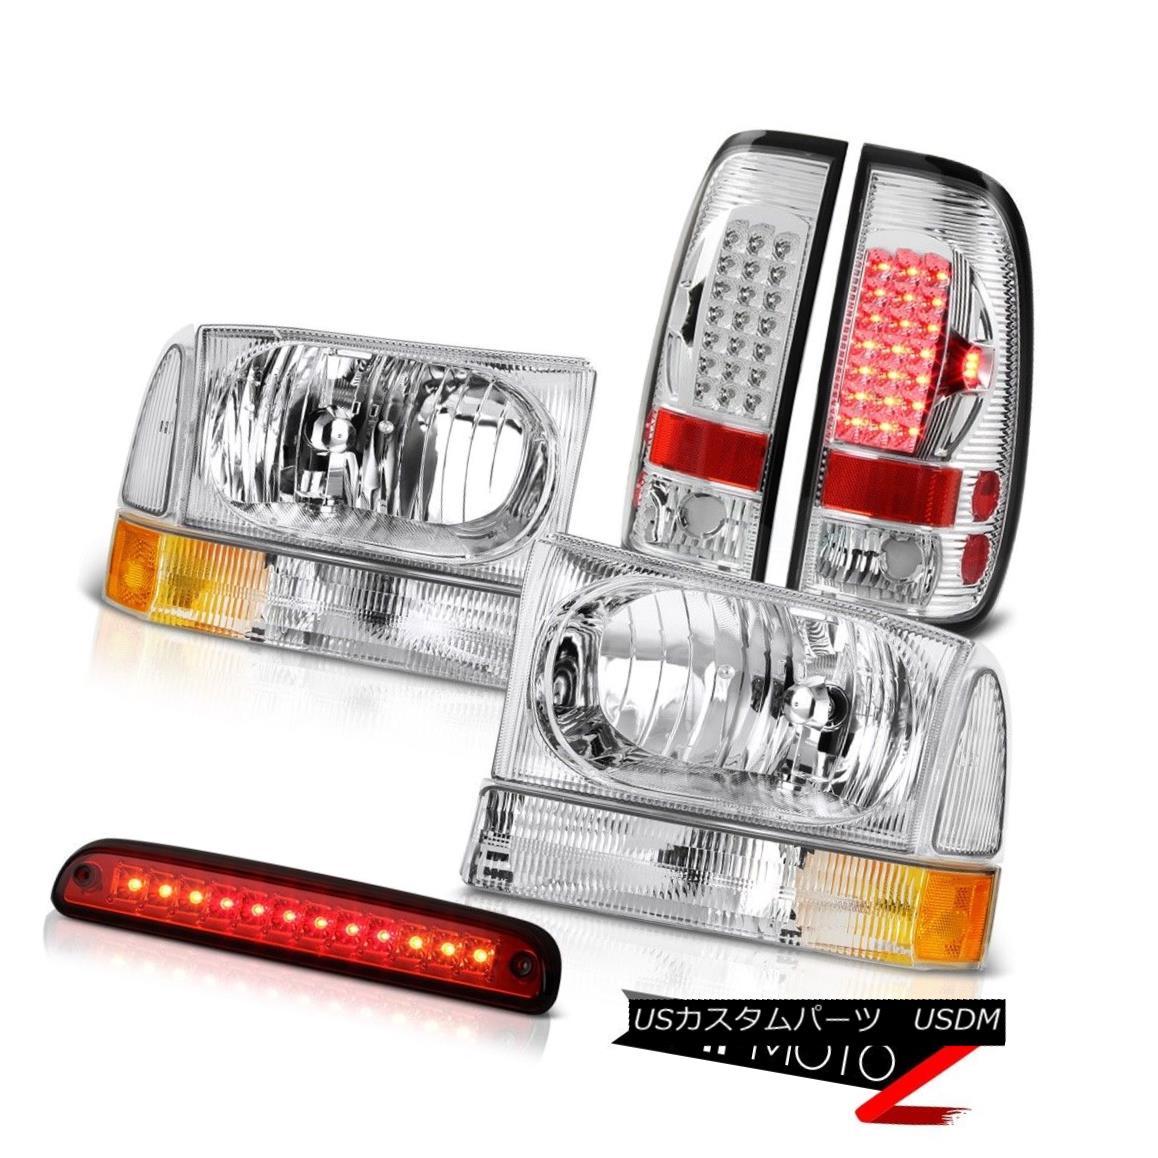 ヘッドライト Crystal Headlights LH RH Wine Red 3rd Brake LED Clear Tail Light 1999-2004 F250 クリスタルヘッドライトLH RHワインレッド第3ブレーキLEDクリアテールライト1999-2004 F250